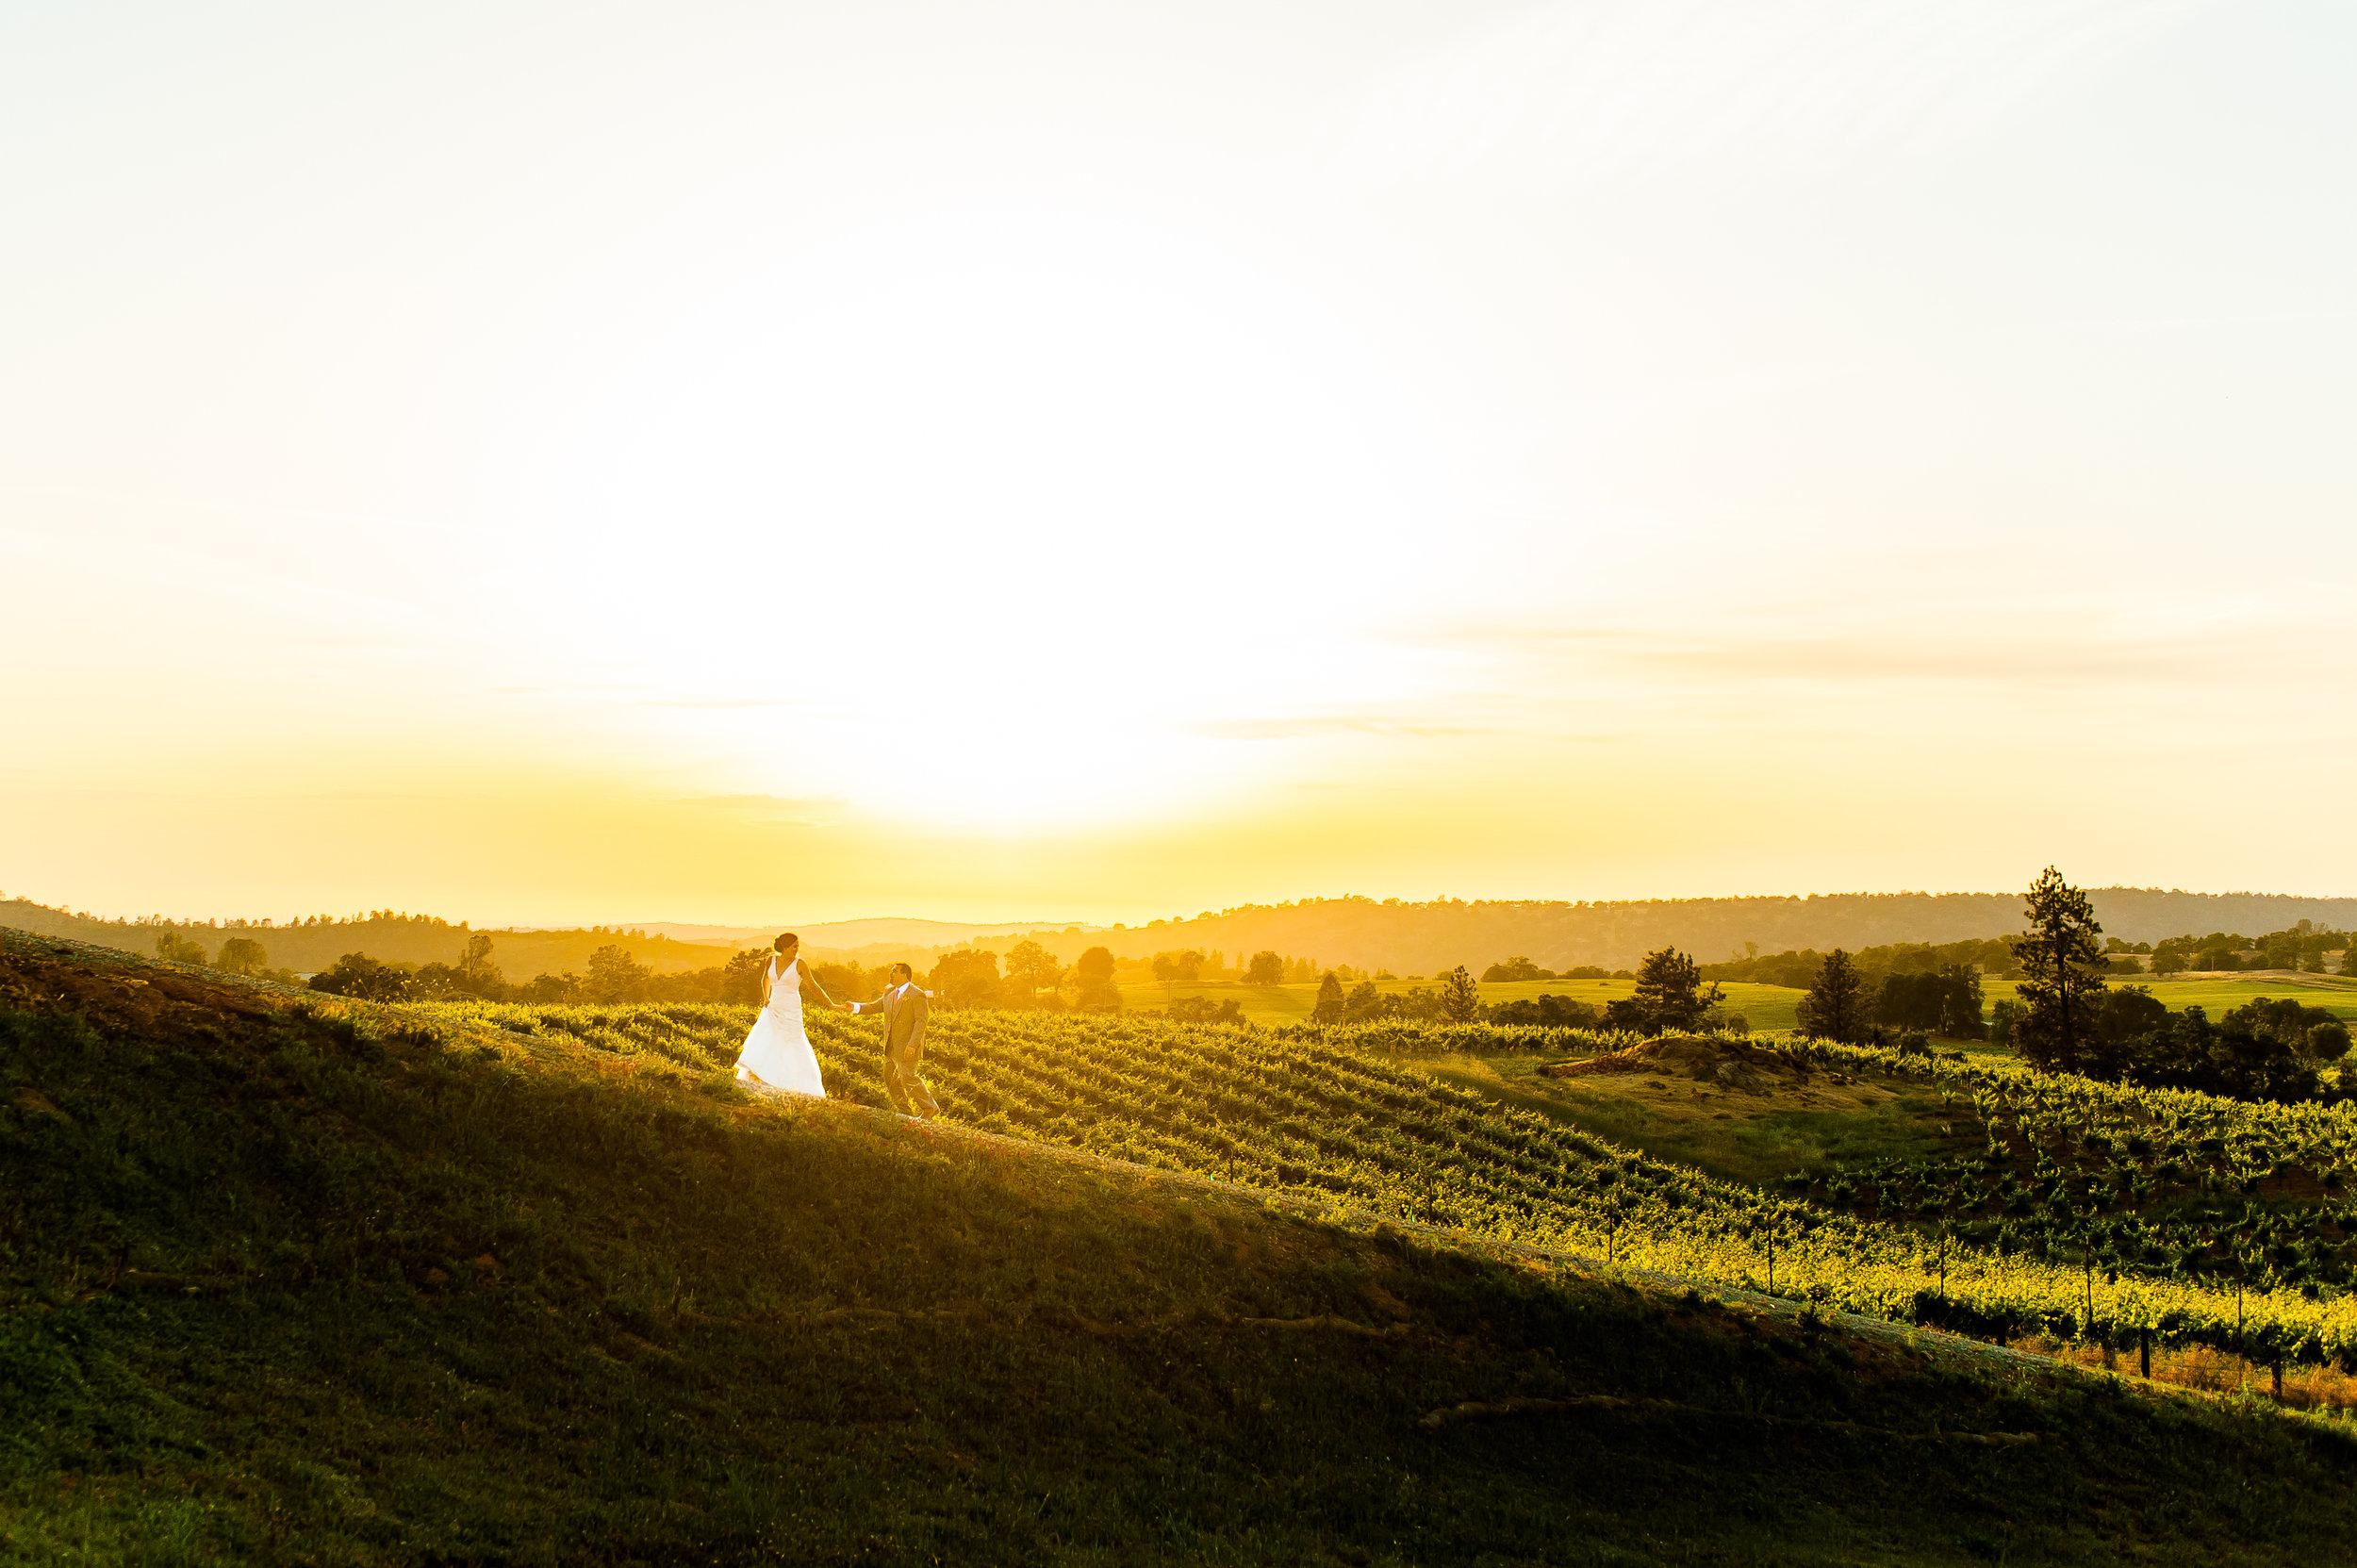 casey-sasha-001-helwig-winery-plymouth-wedding-photographer-katherine-nicole-photography.JPG